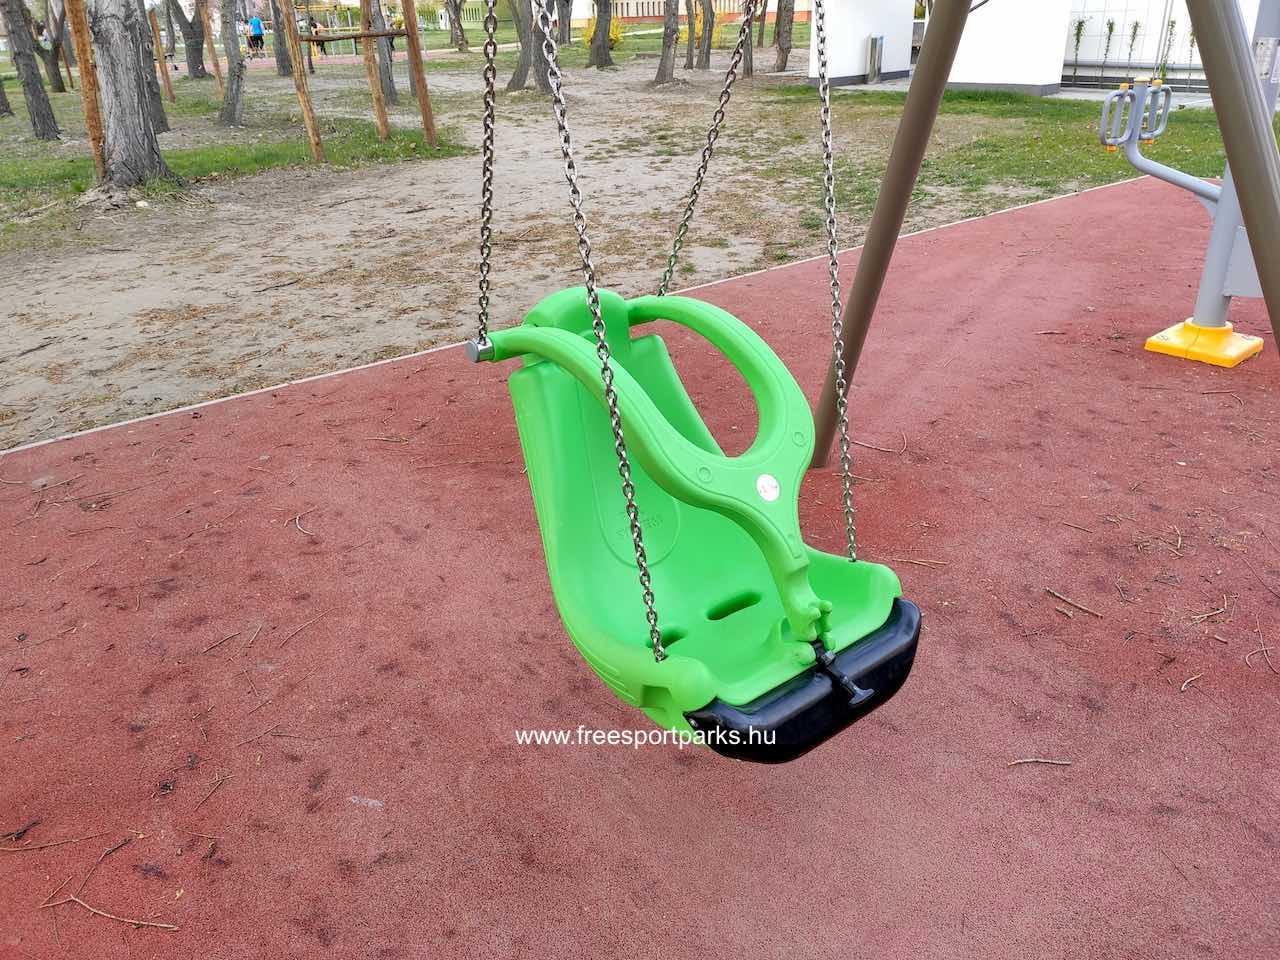 Hinta - Palotavárosi szabadidőpark